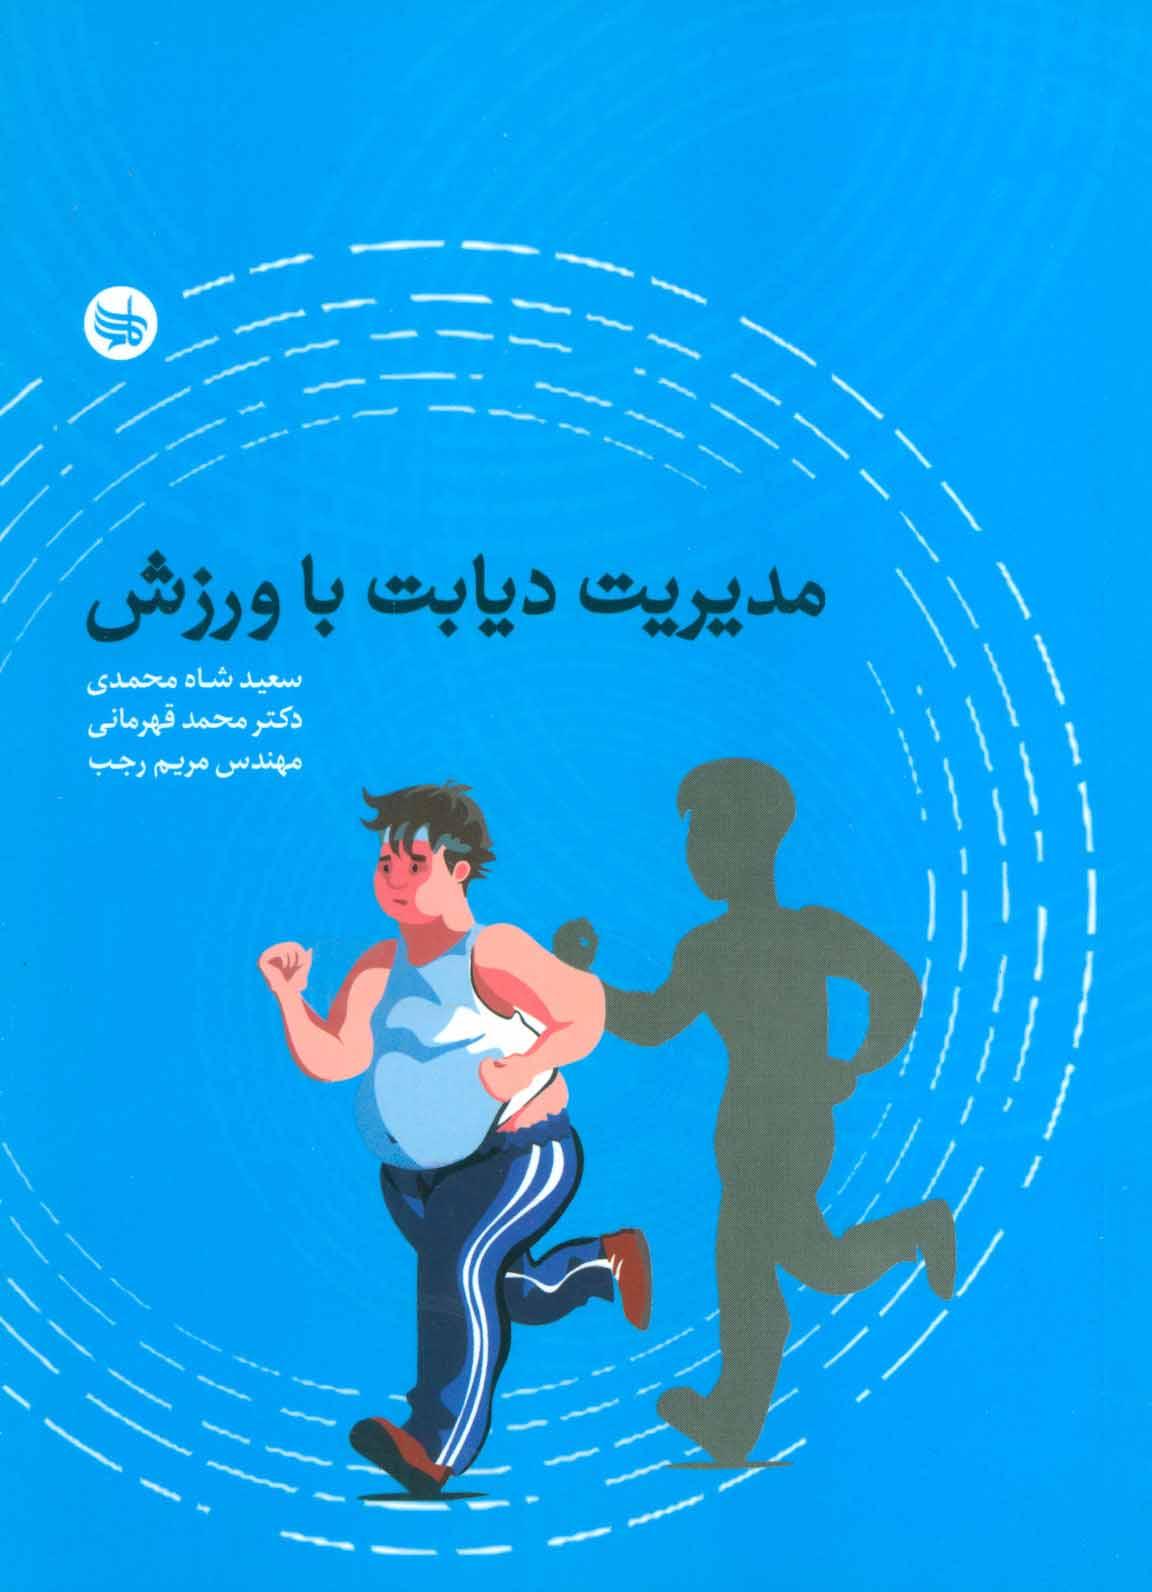 مدیریت دیابت با ورزش